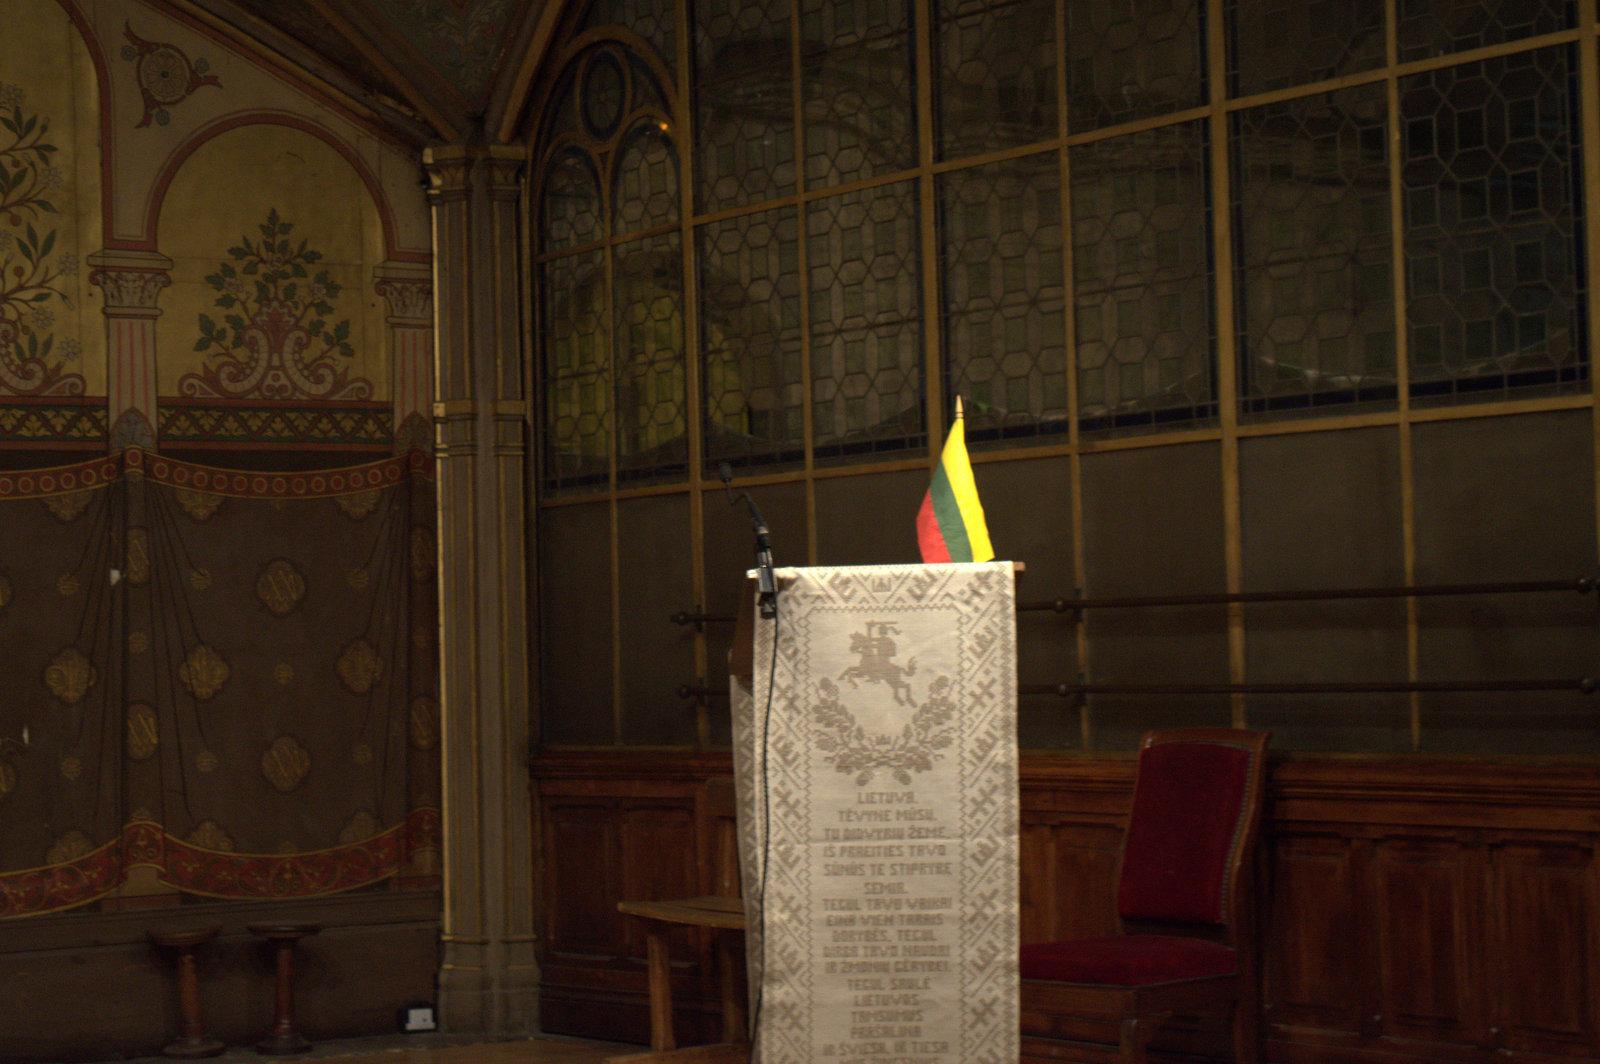 DĖMESIO! Keičiasi lapkričio mėnesio lietuvių bendruomenės susitikimo data